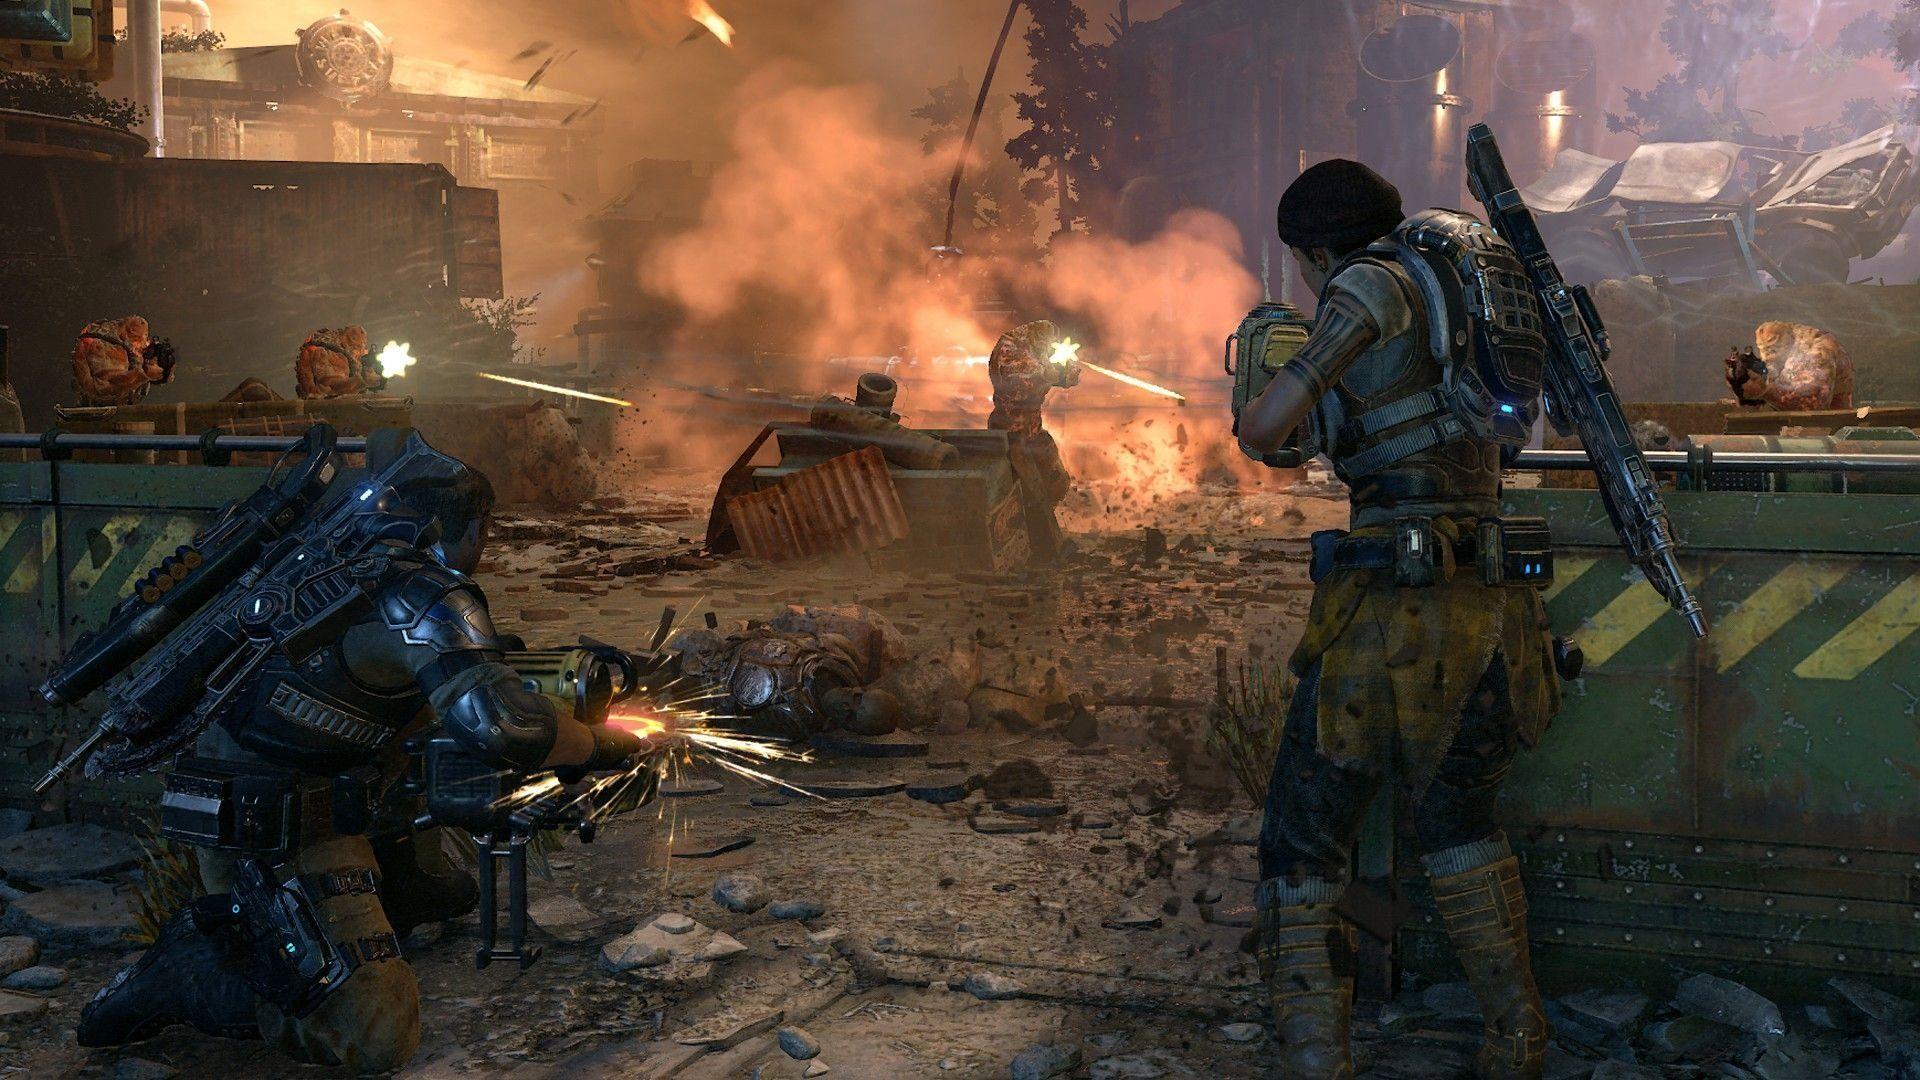 Gears of war 4 #GearsofWar4 #Gears4 #Shooter #XboxOne #GOW4